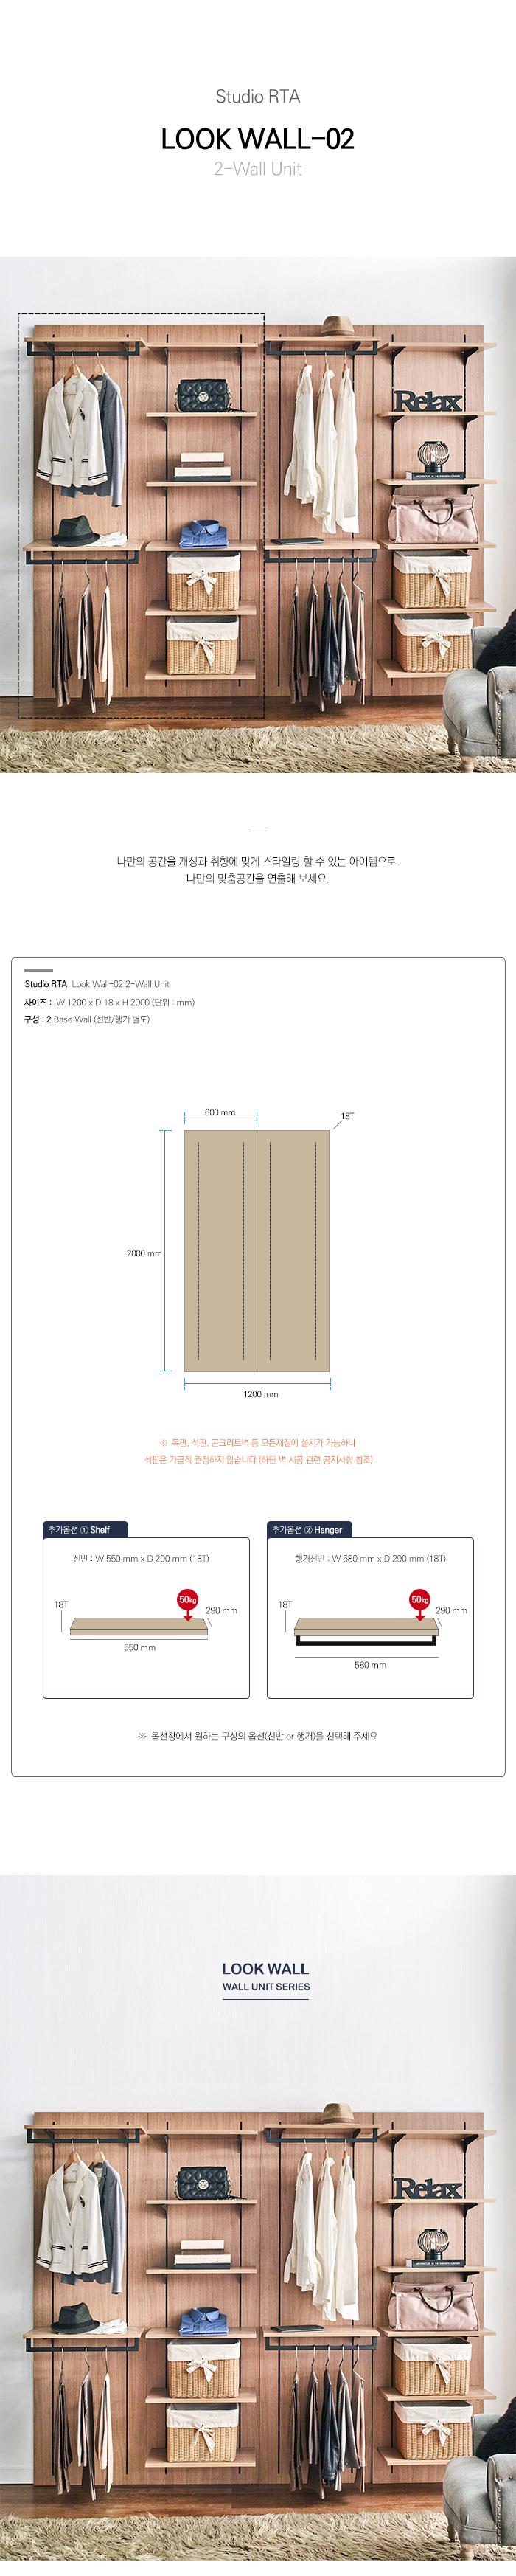 LOOK-Wall-02_2-Wall_Unit_190211-1.jpg